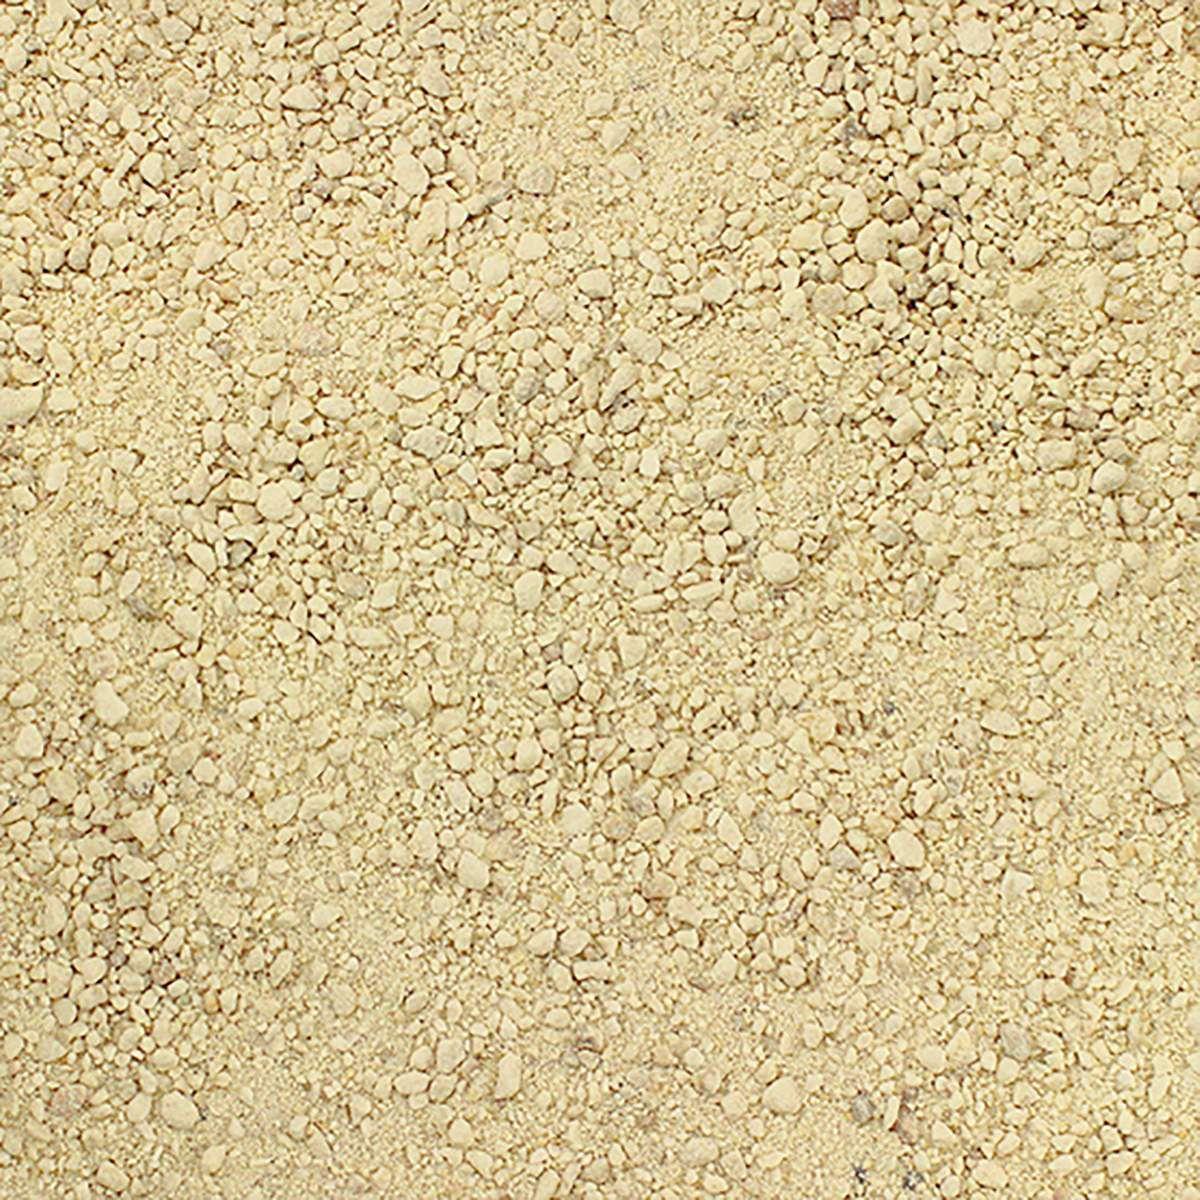 SUBSTRATO NATURAL DE ARAGONIA SEACHEM PEARL BEACH - 10kg